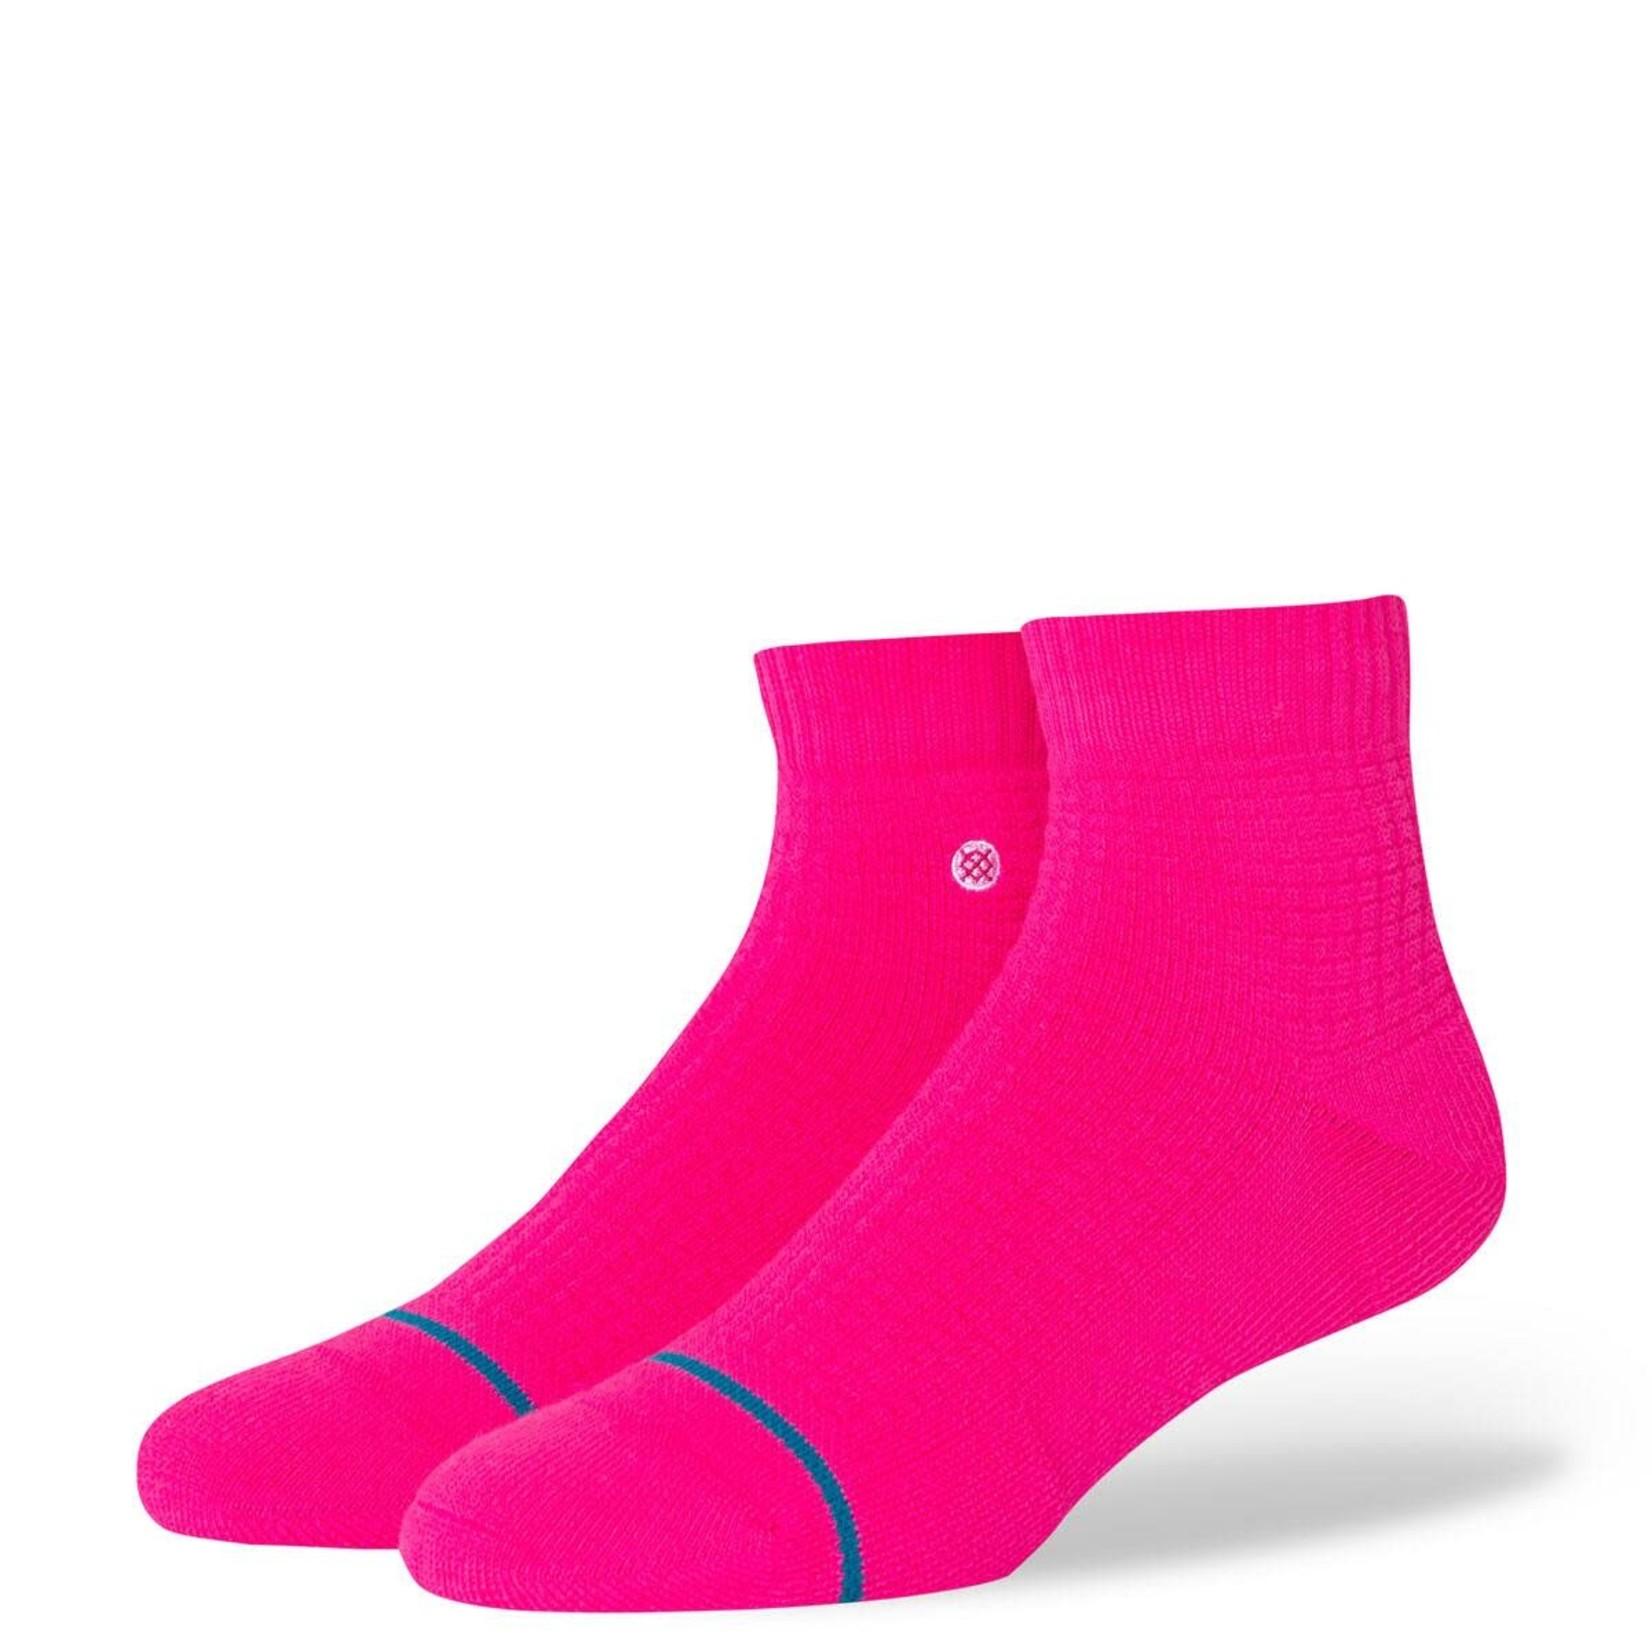 Stance Stance Socks, Hyper Quarter